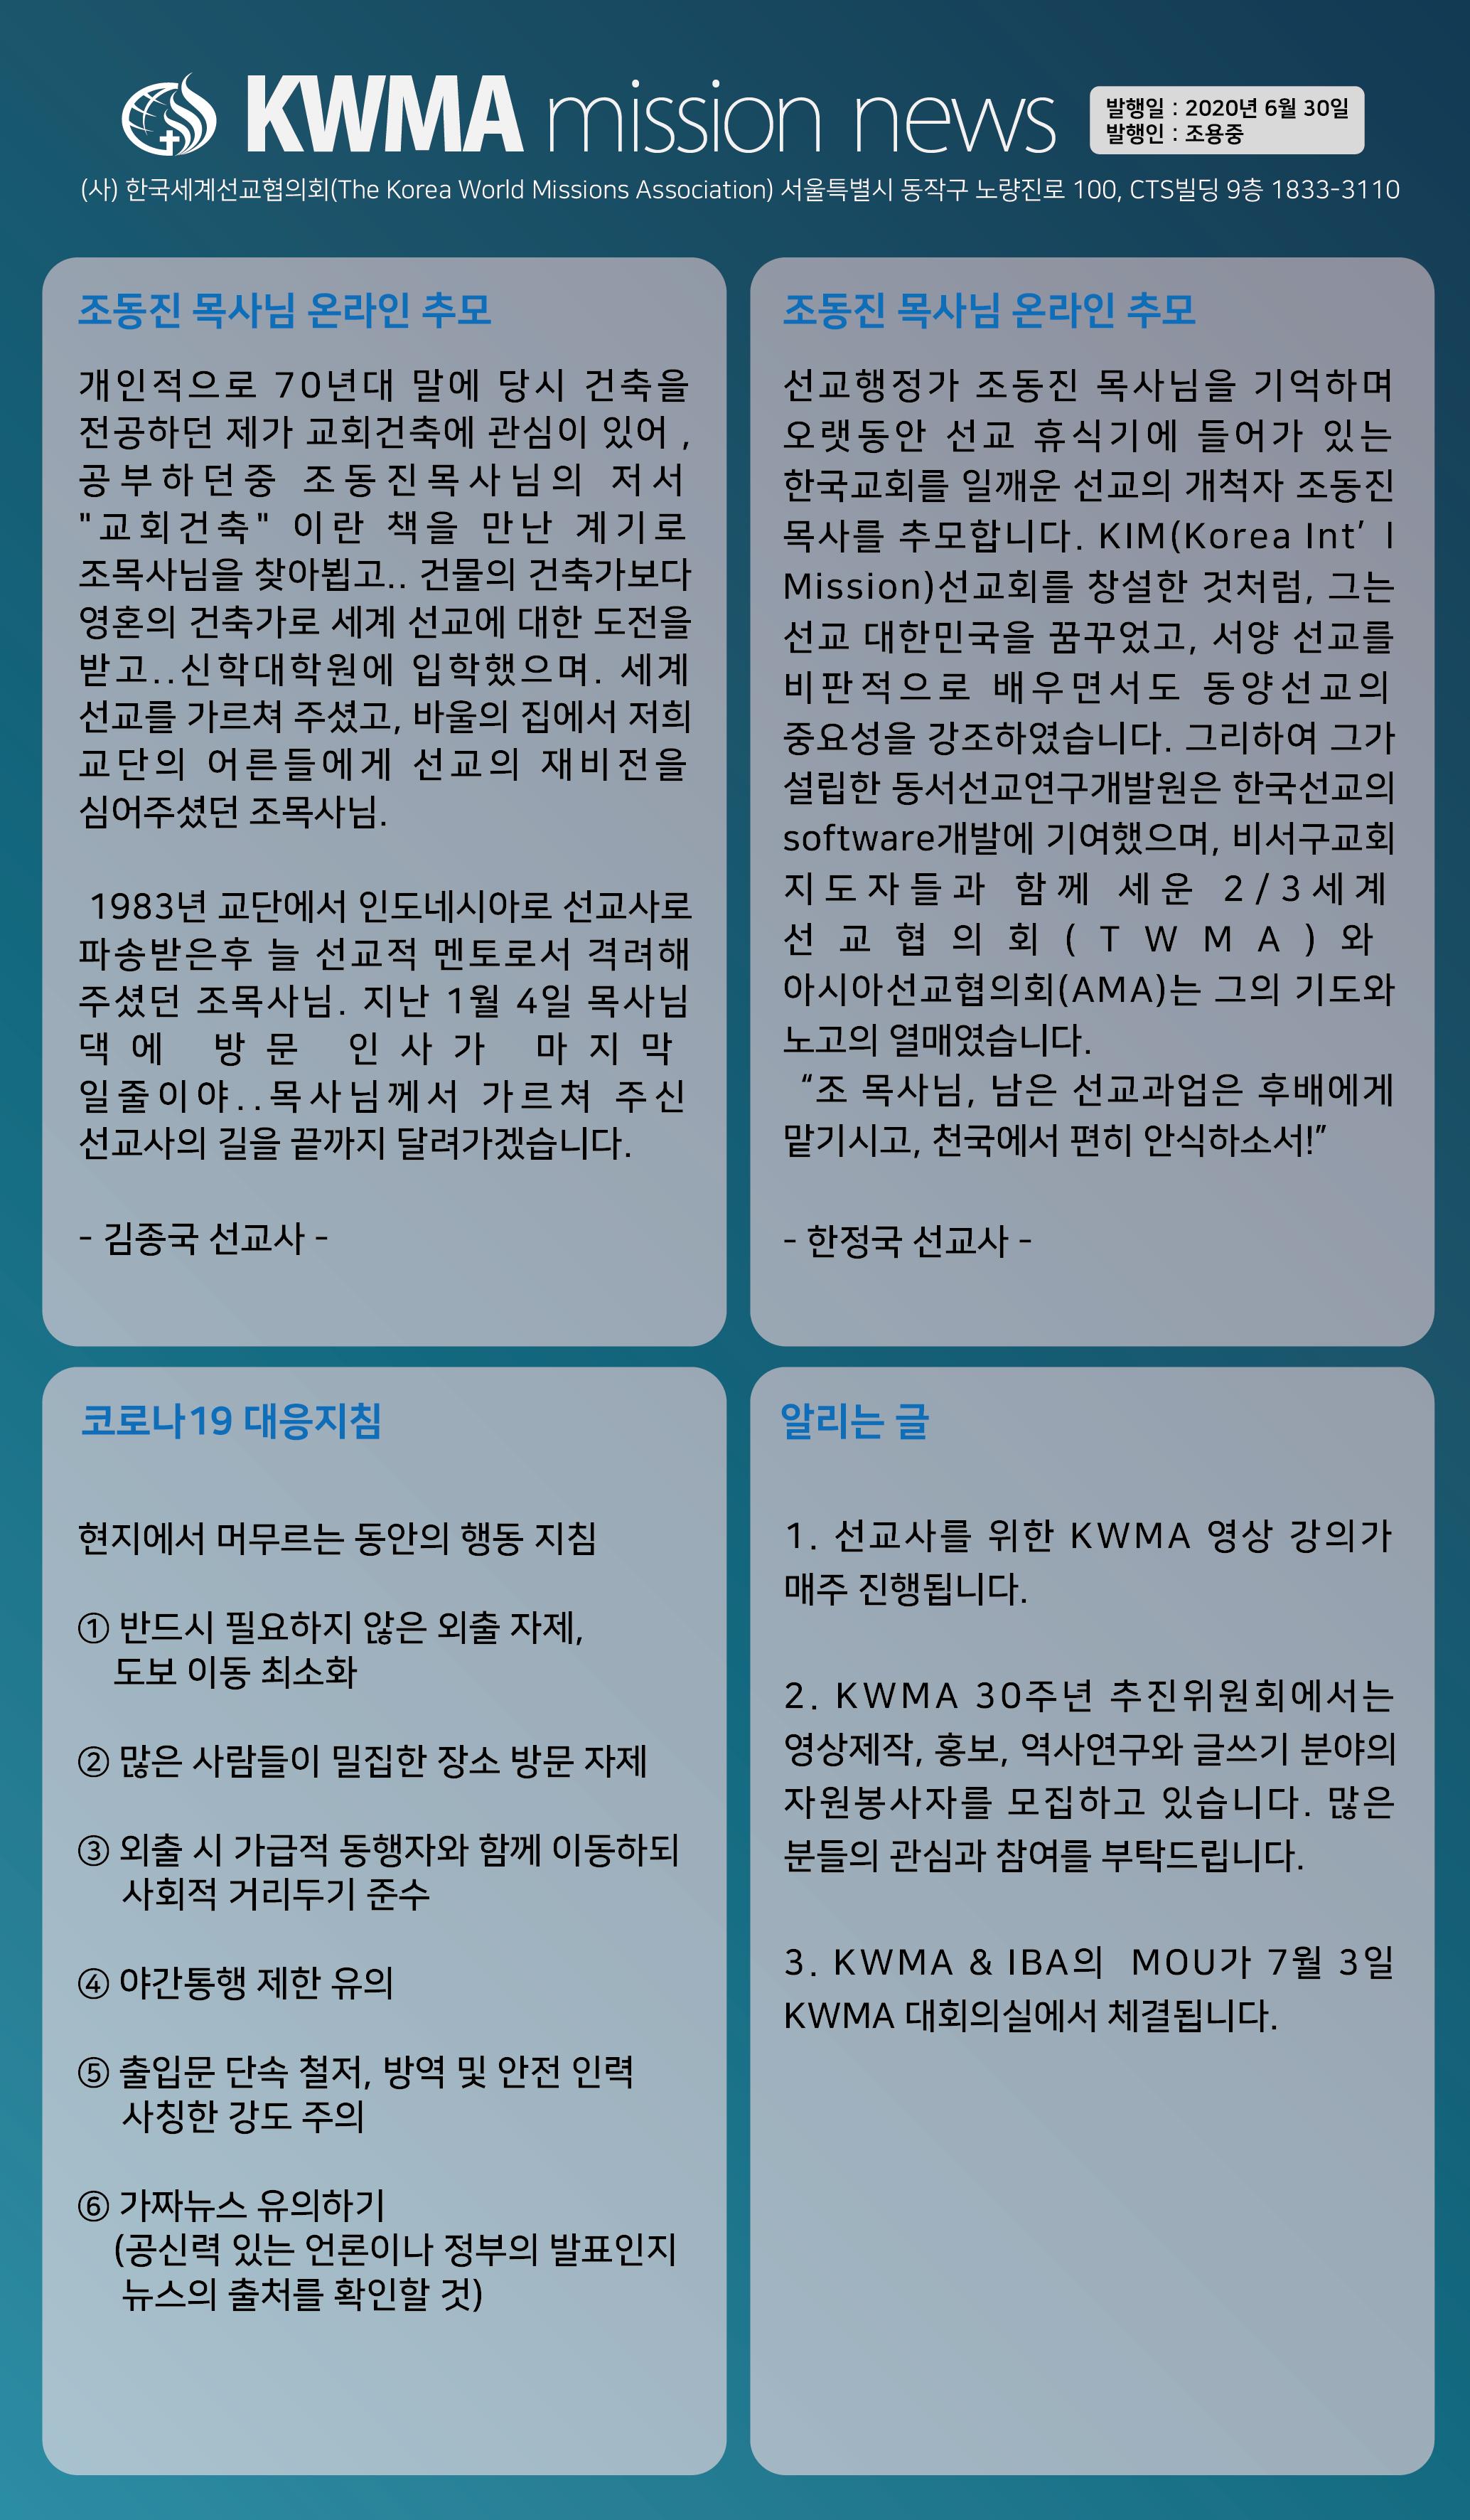 제20-4호_KWMA 뉴스레터_대지 1 사본.jpg